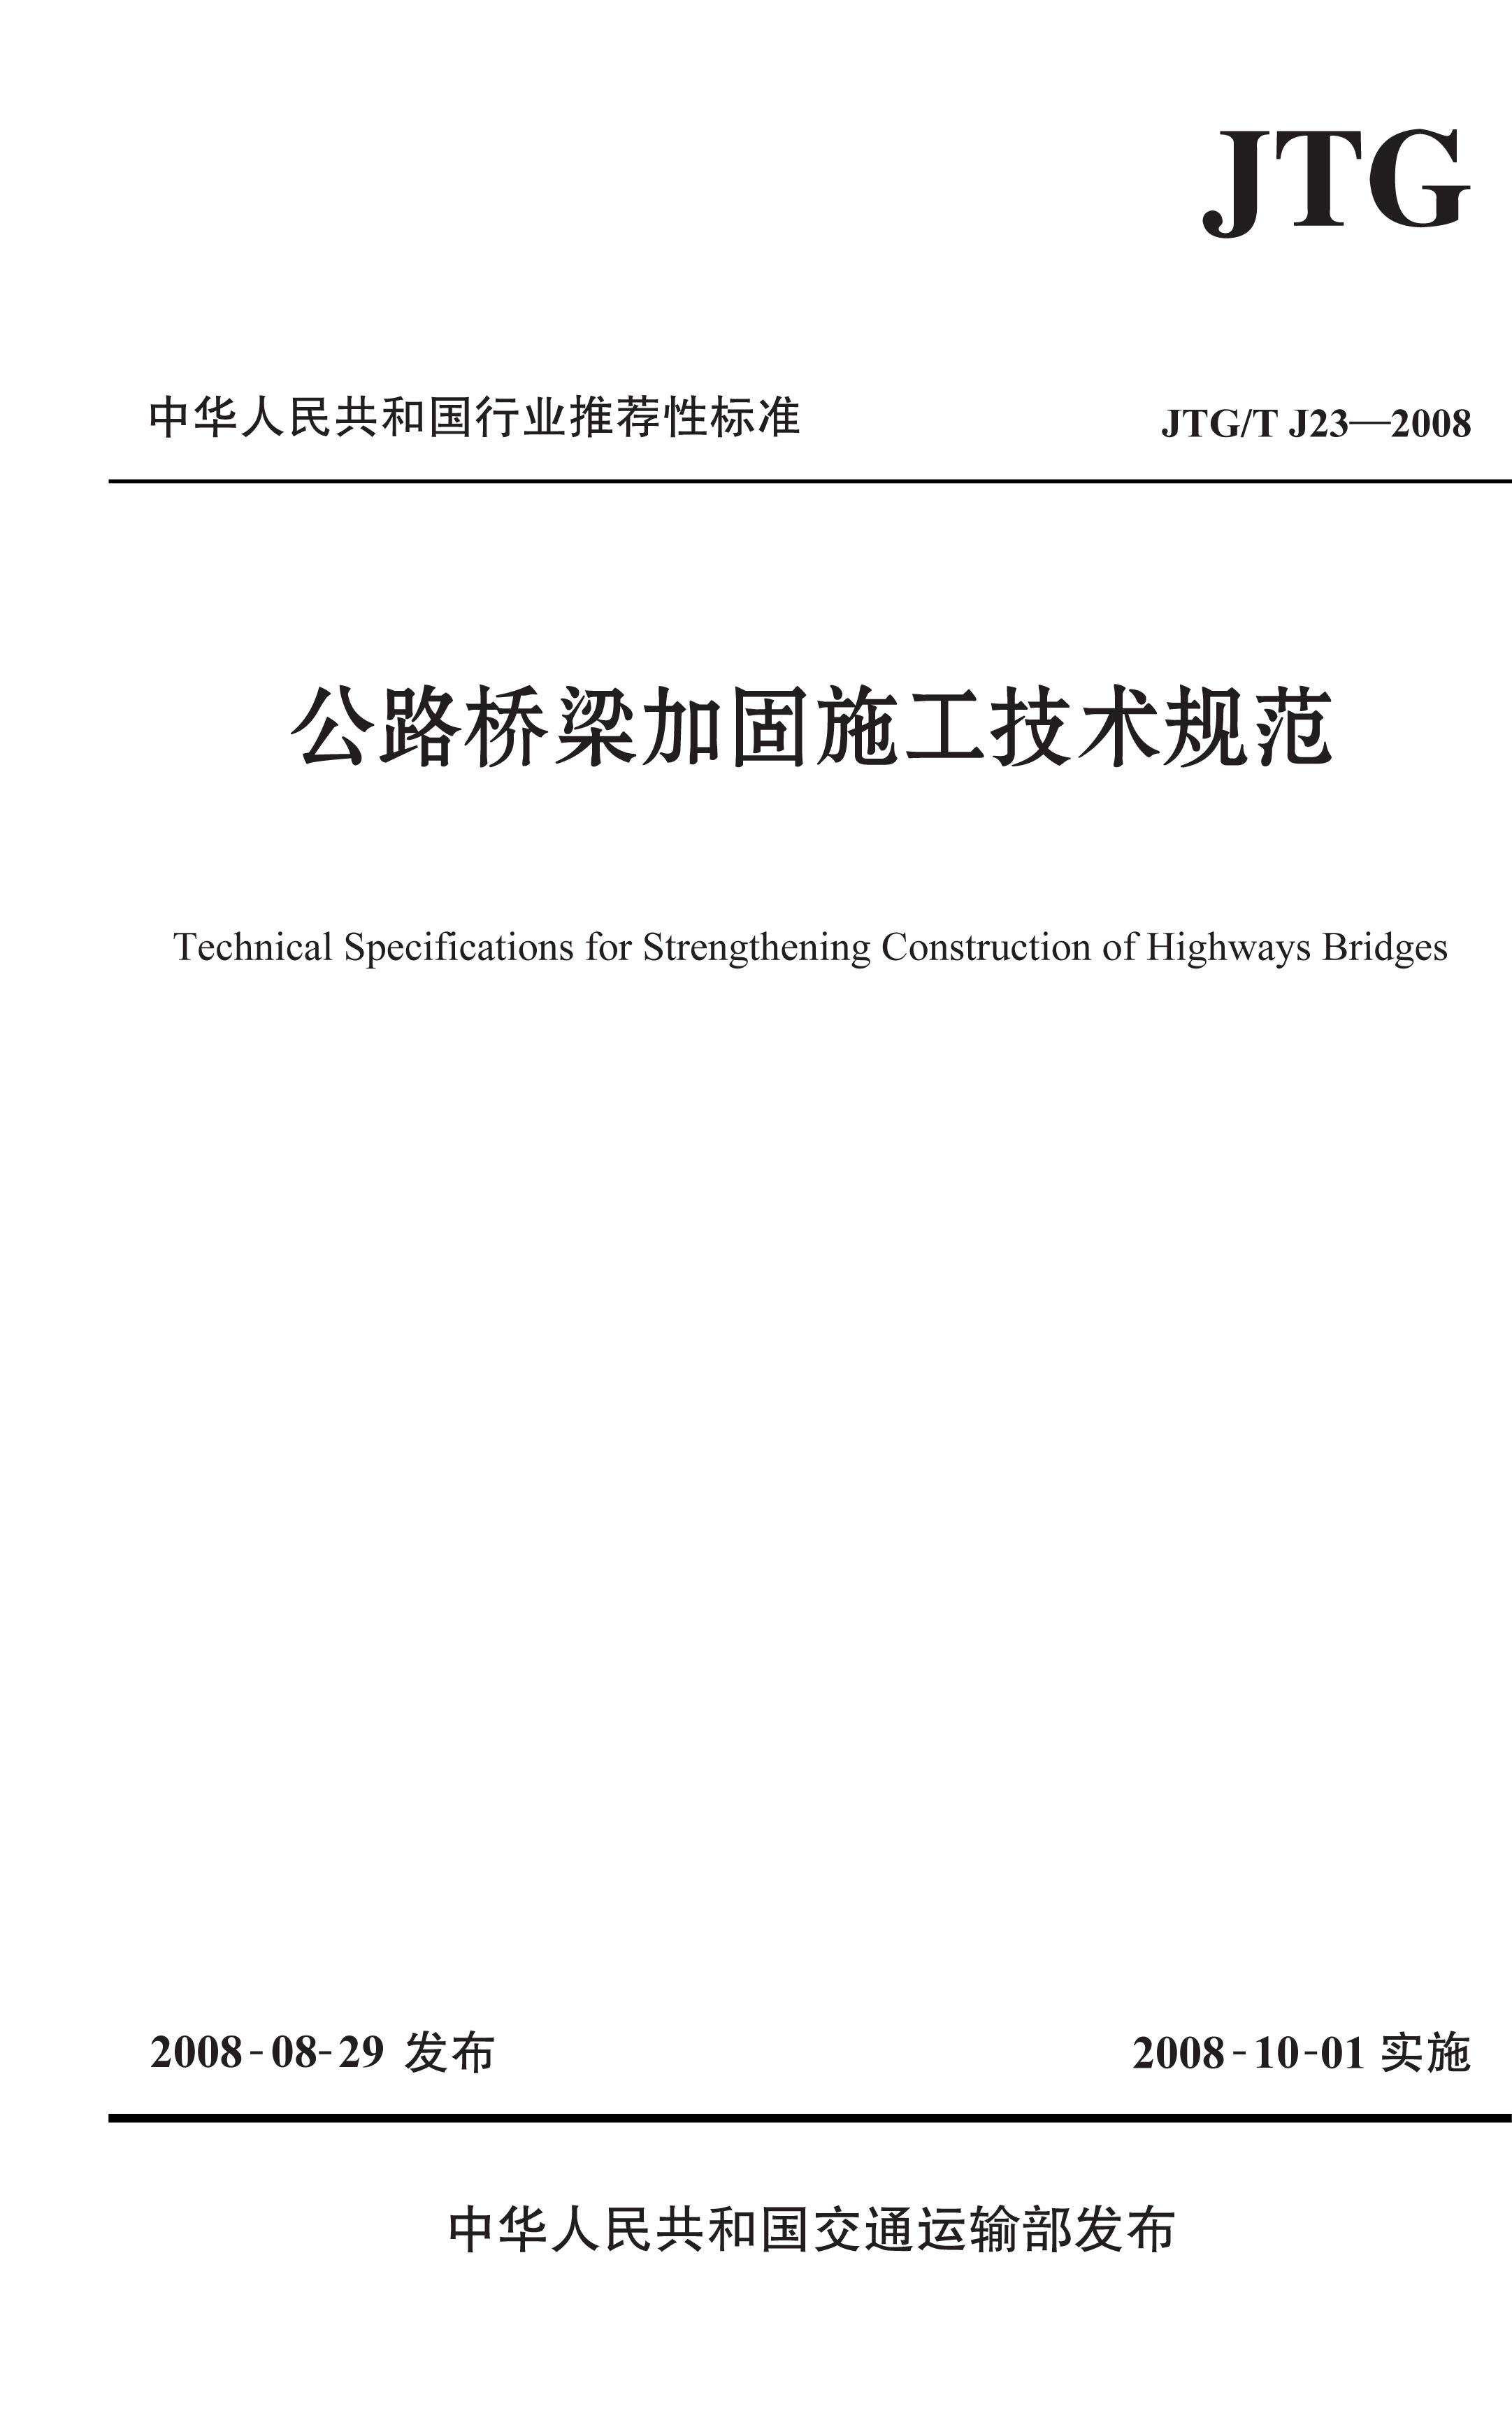 公路桥梁加固施工技术规范(JTG/T J23-2008)